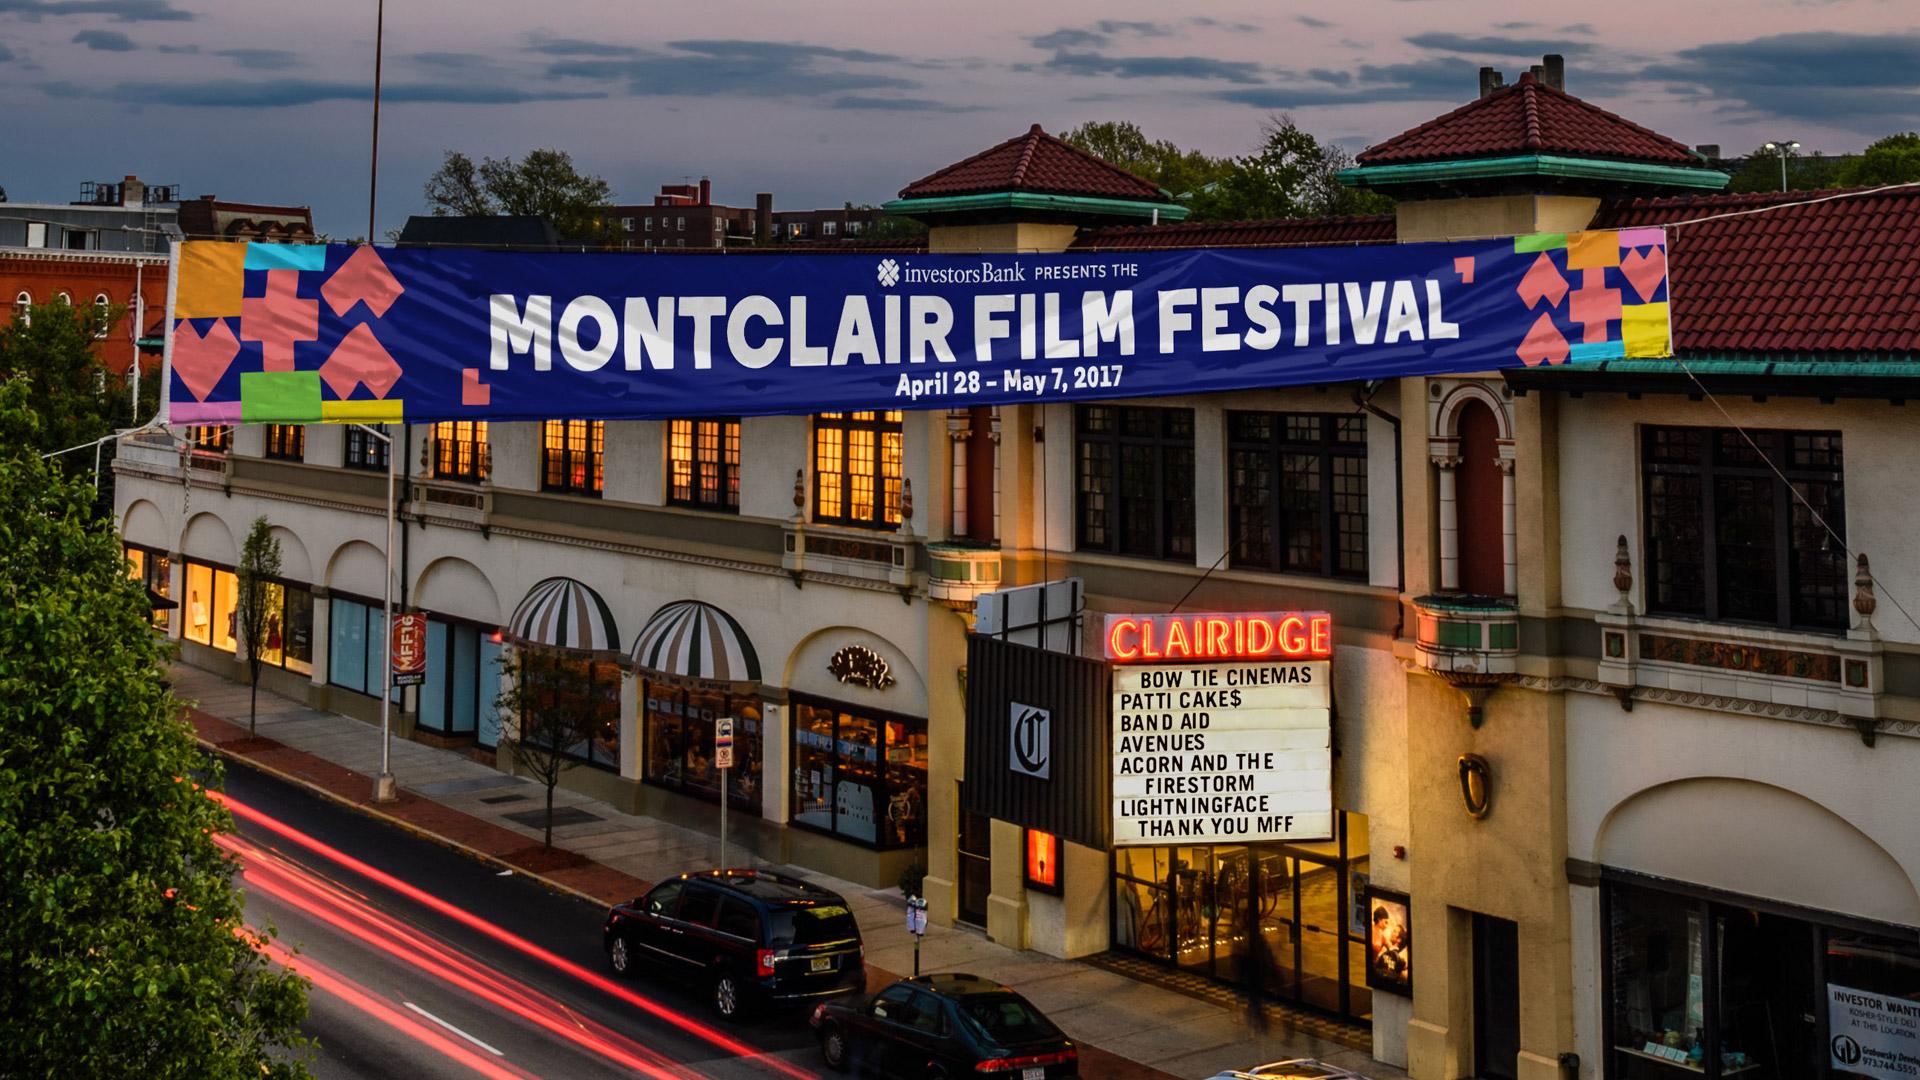 HIERONYMUS_MontclairFilm-Banner-2